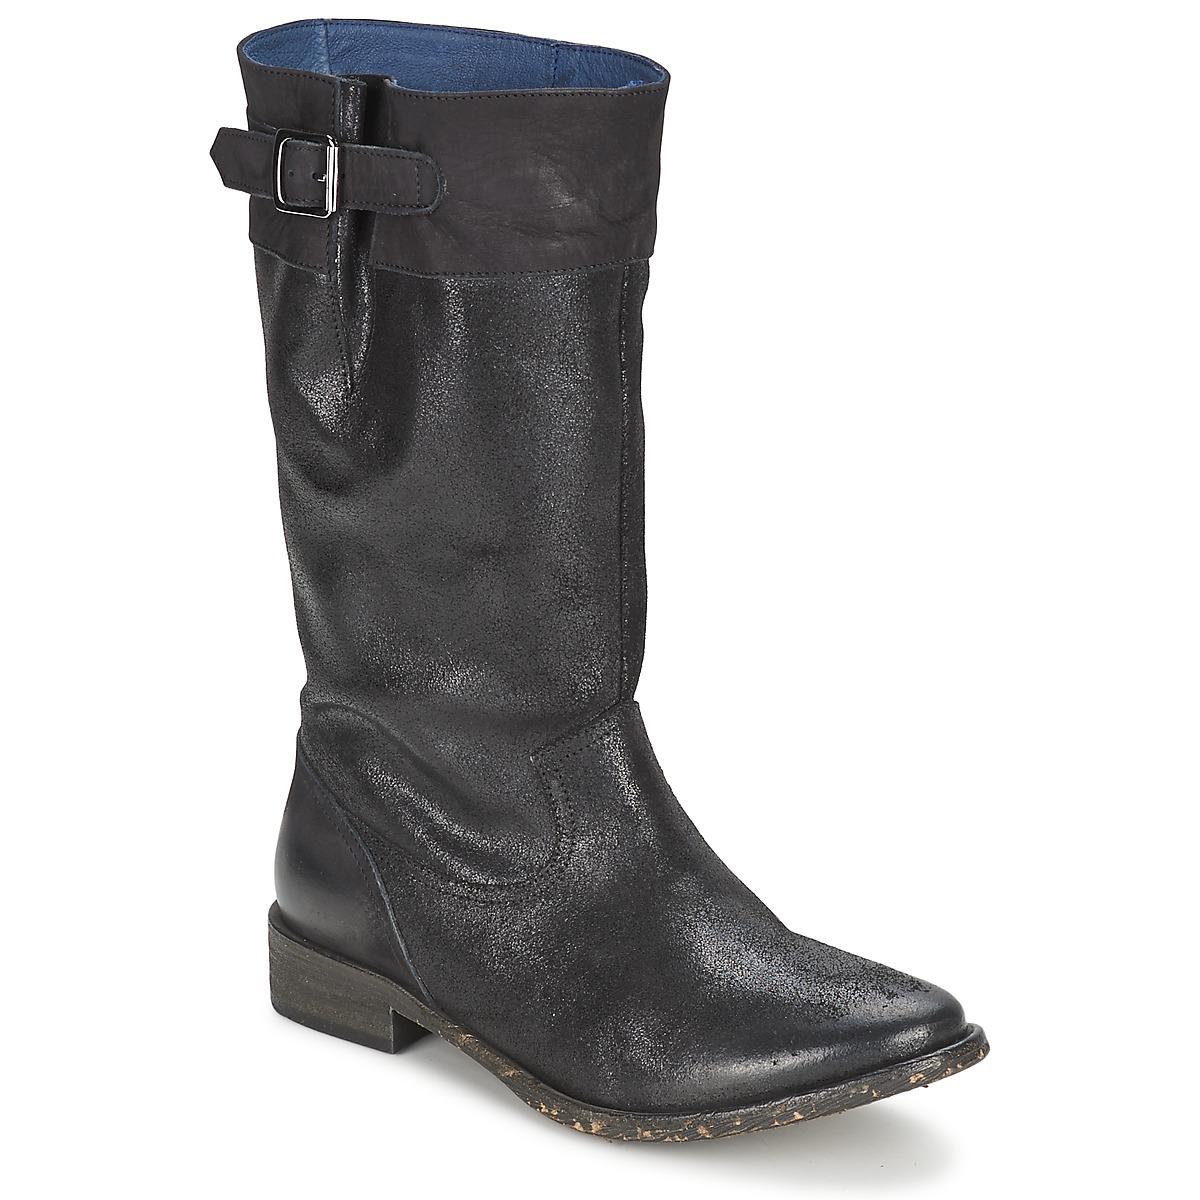 Schmoove SANDINISTA BOOTS Schwarz / Mettalfarben - Kostenloser Versand bei Spartoode ! - Schuhe Klassische Stiefel Damen 99,50 €